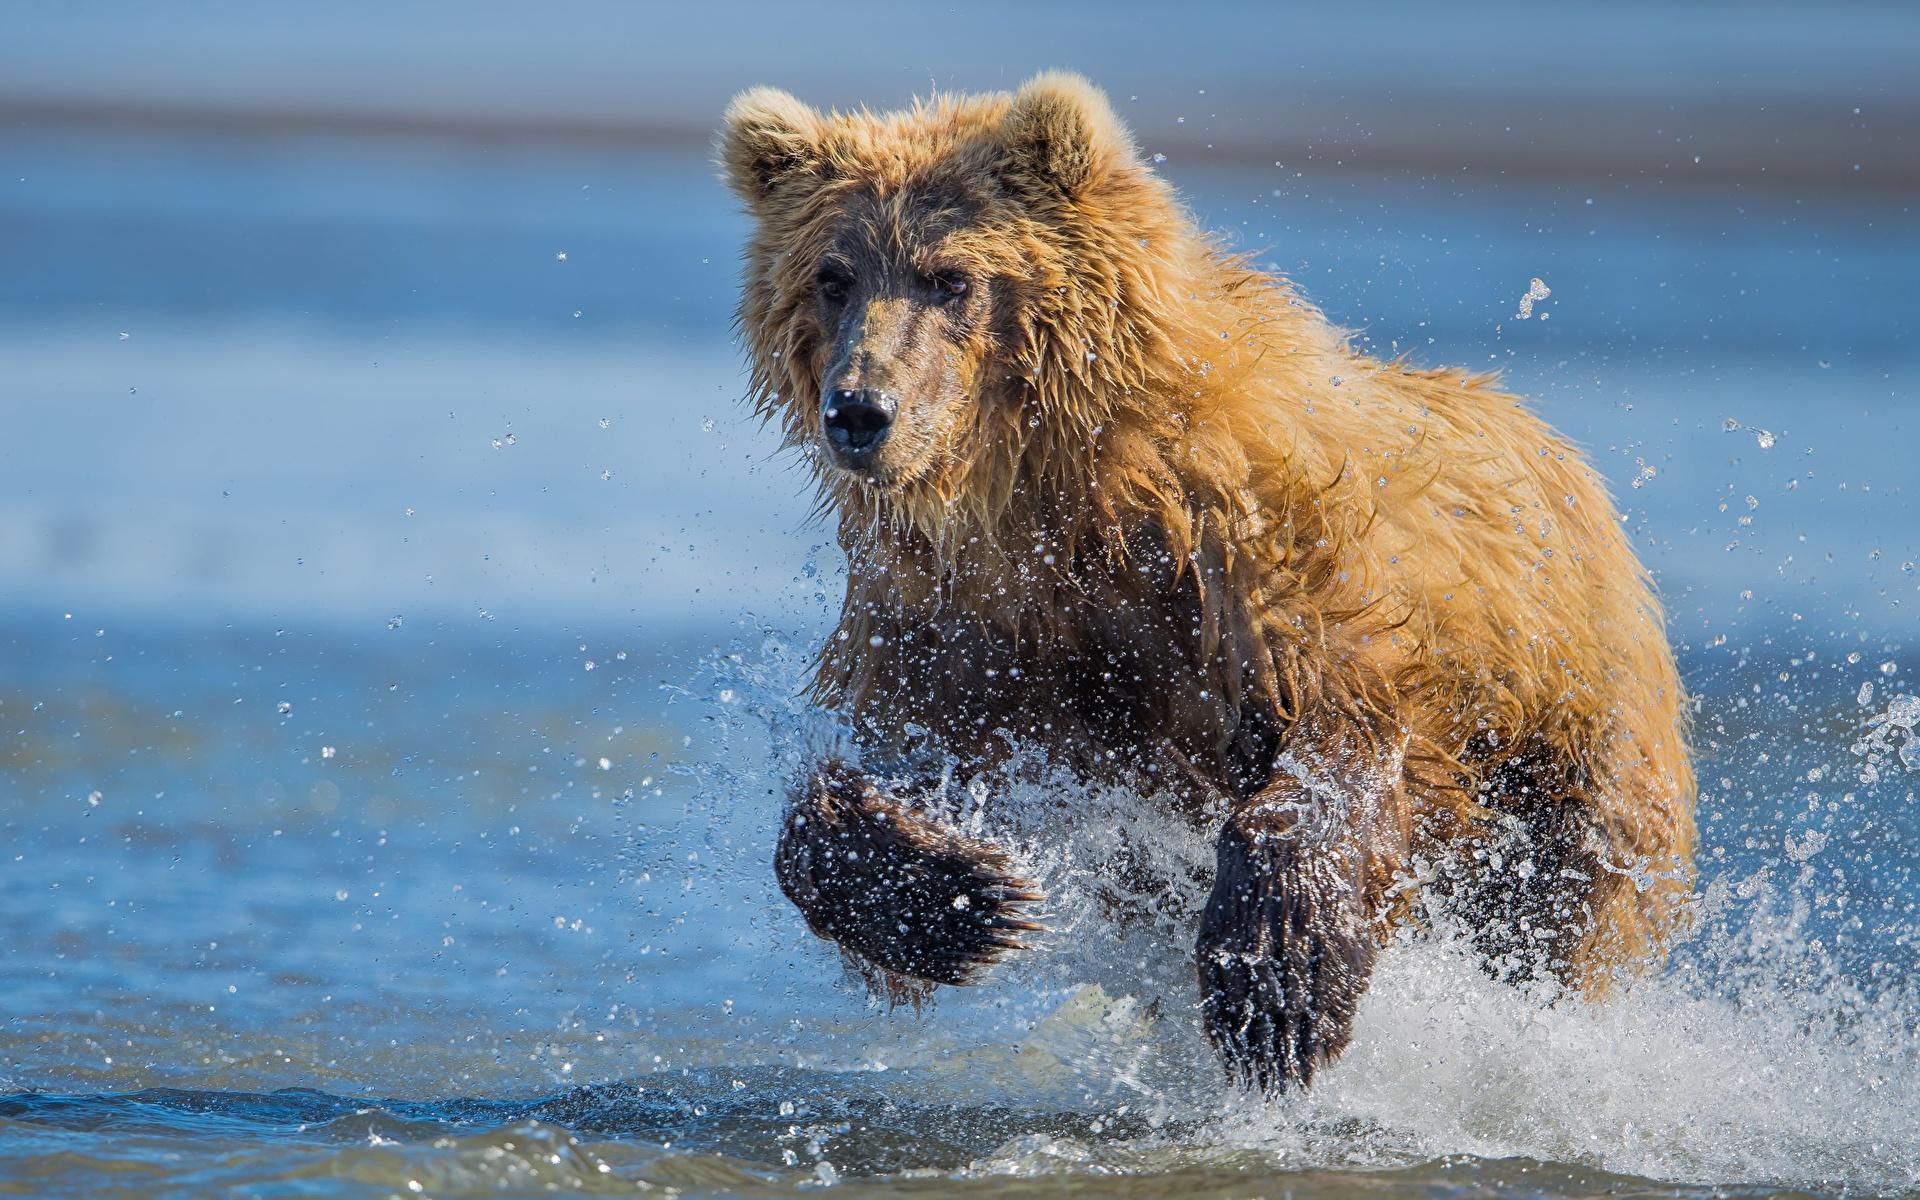 Фотографии Бурые Медведи медведь бежит Лапы Брызги Взгляд Животные 1920x1200 Гризли Медведи Бег бегущая бегущий лап с брызгами смотрит смотрят животное